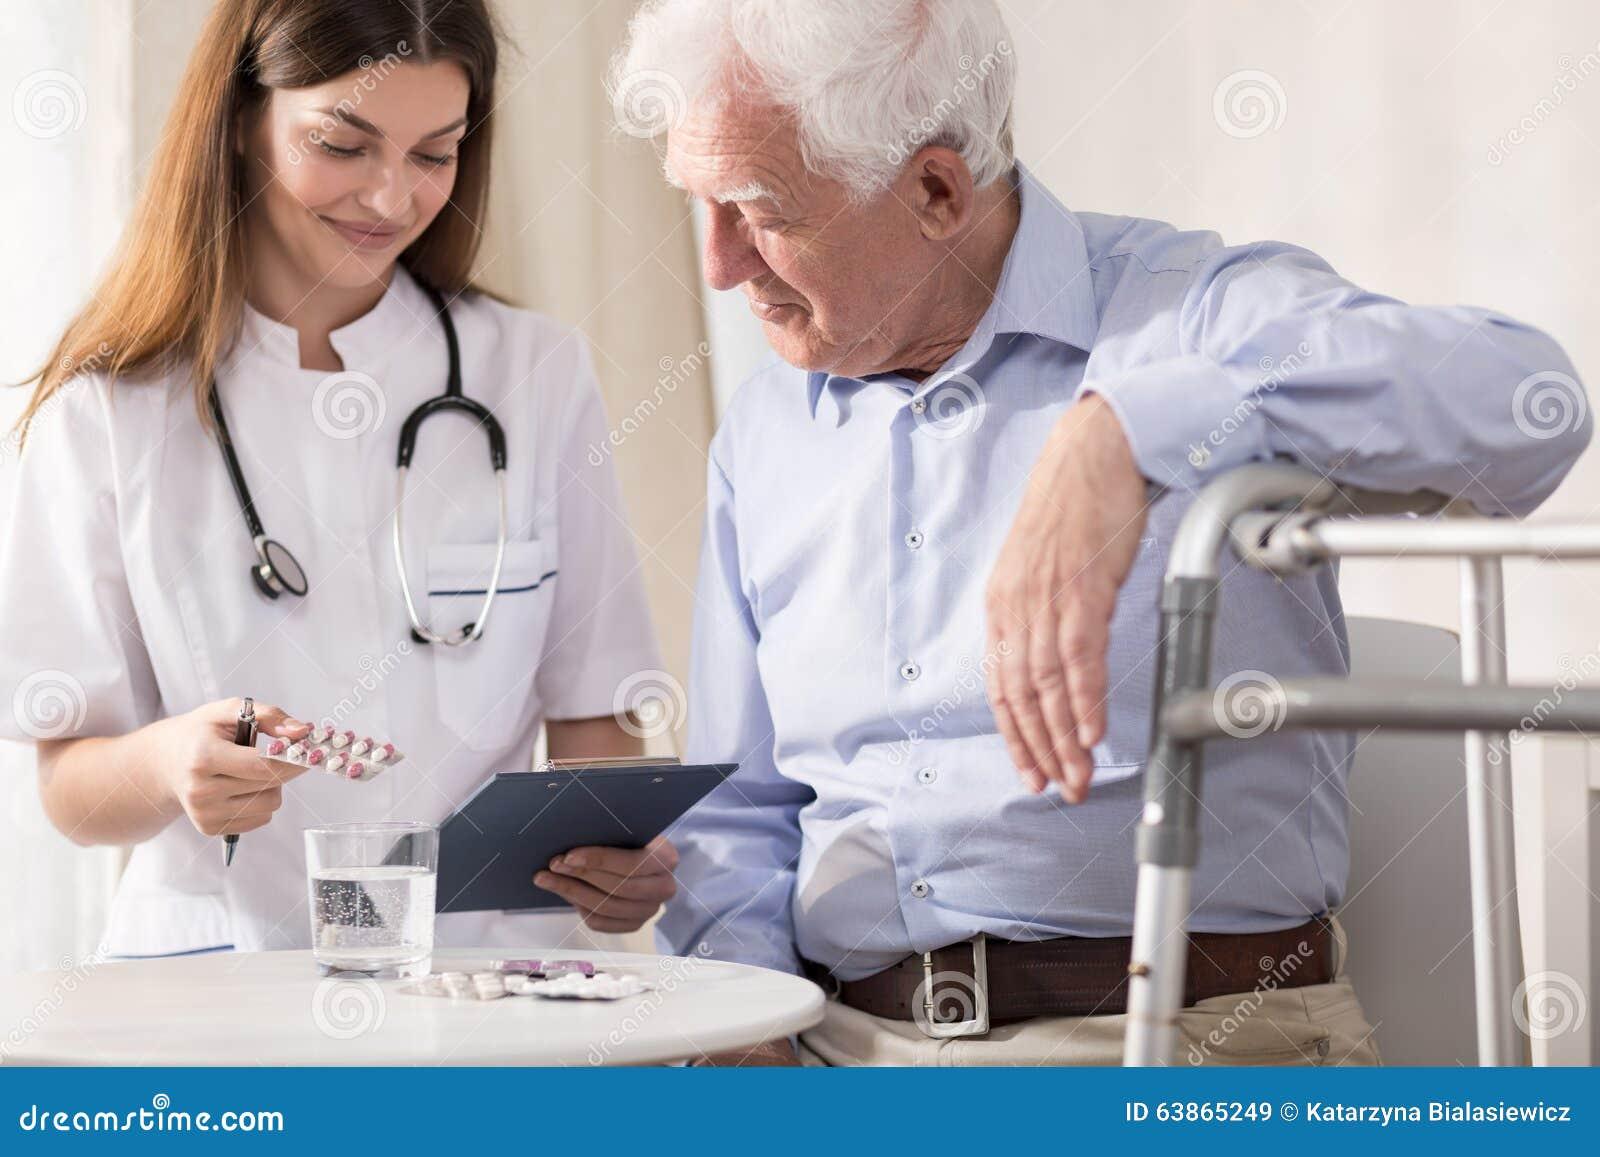 Medizin Für Die Krankenschwester